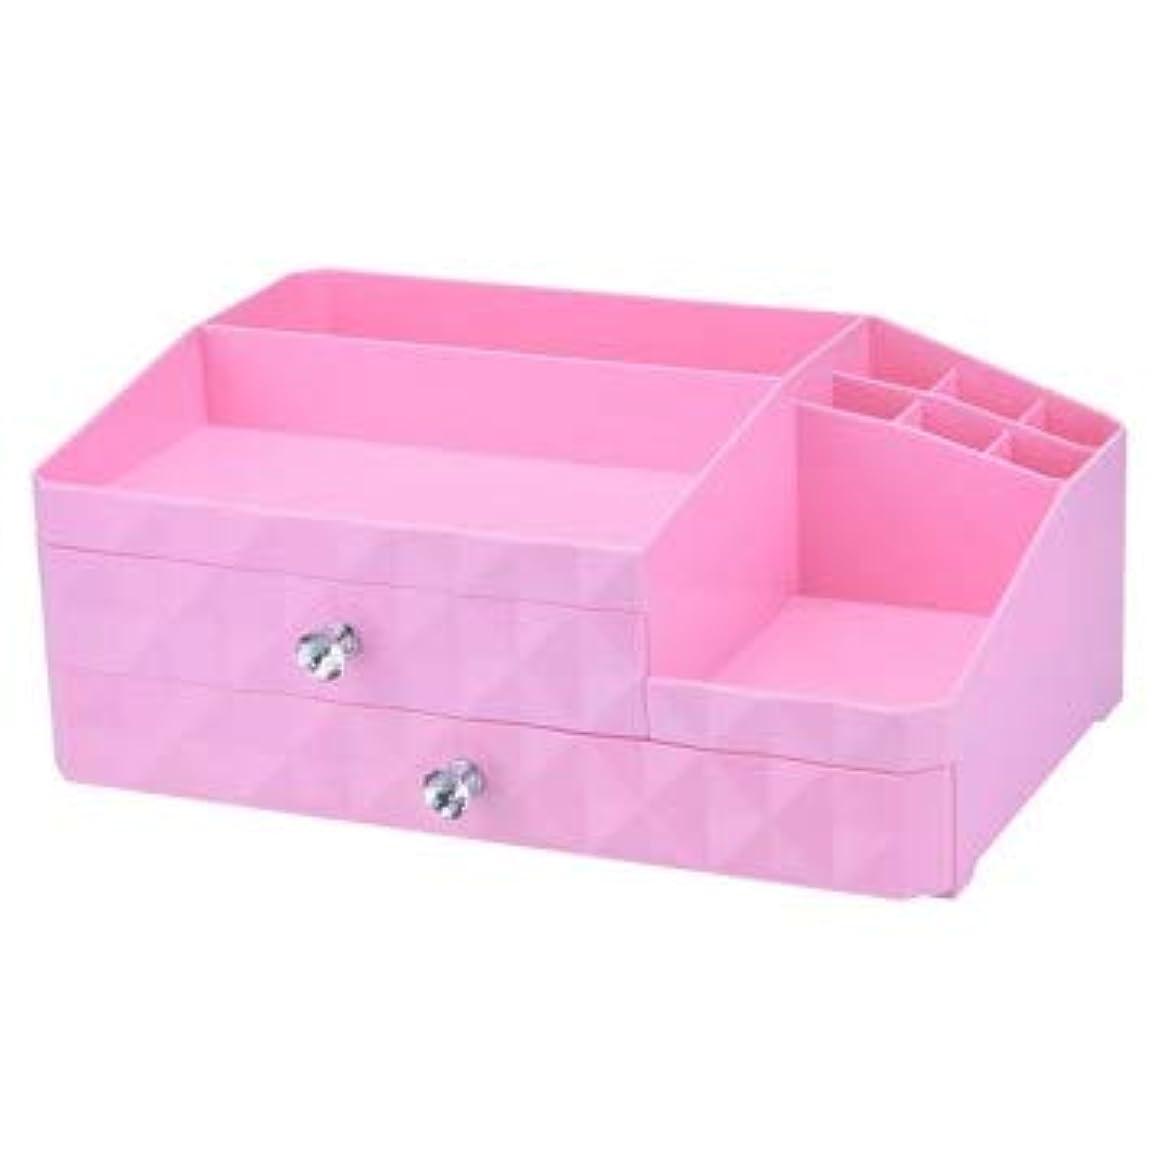 肘調停するカロリーデスクトップジュエリーボックス引き出し化粧品収納ボックス三層プラスチック仕上げボックス (Color : ピンク)